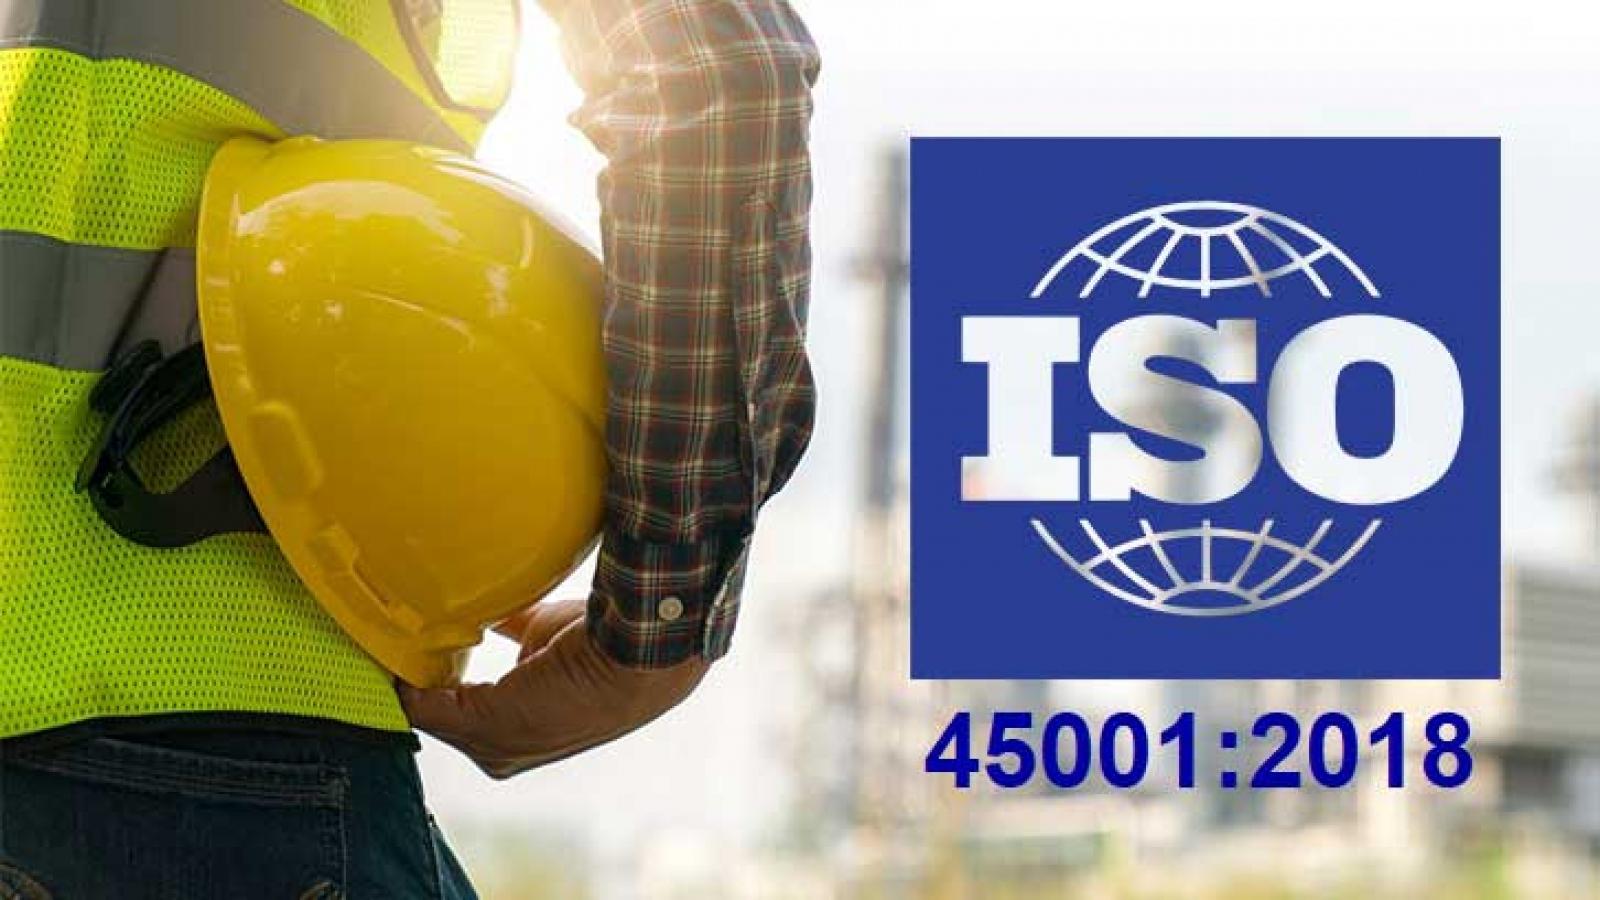 Hệ thống quản lý an toàn và sức khỏe nghề nghiệp ISO 45001:2018